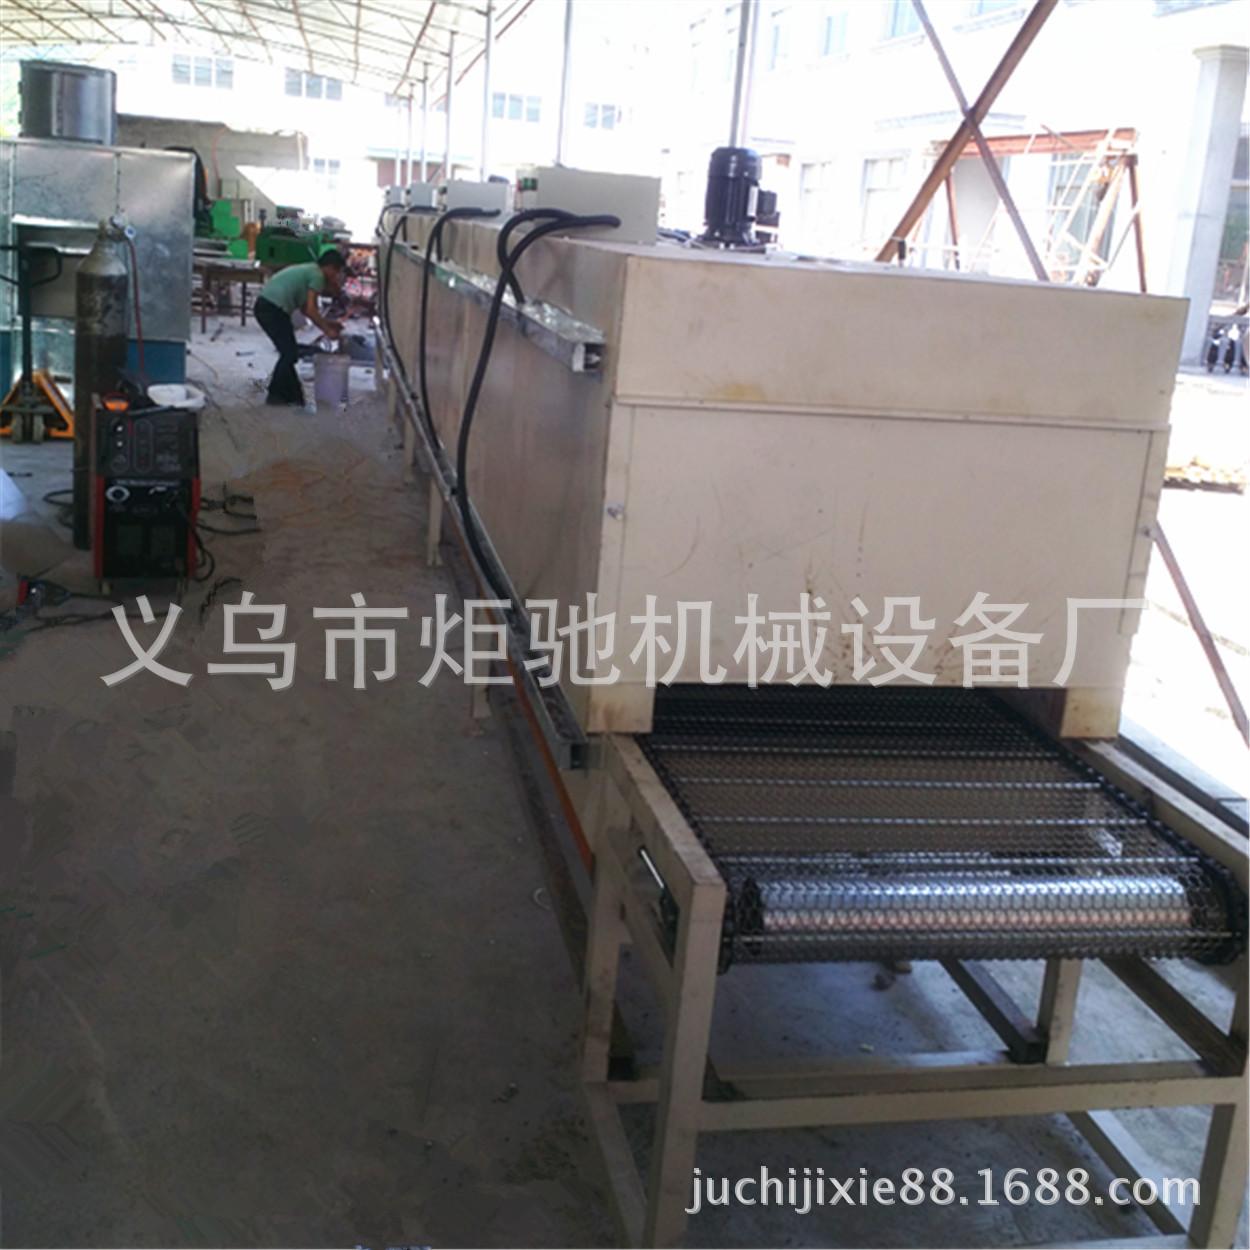 炬驰机械设计制作小型高温窑炉